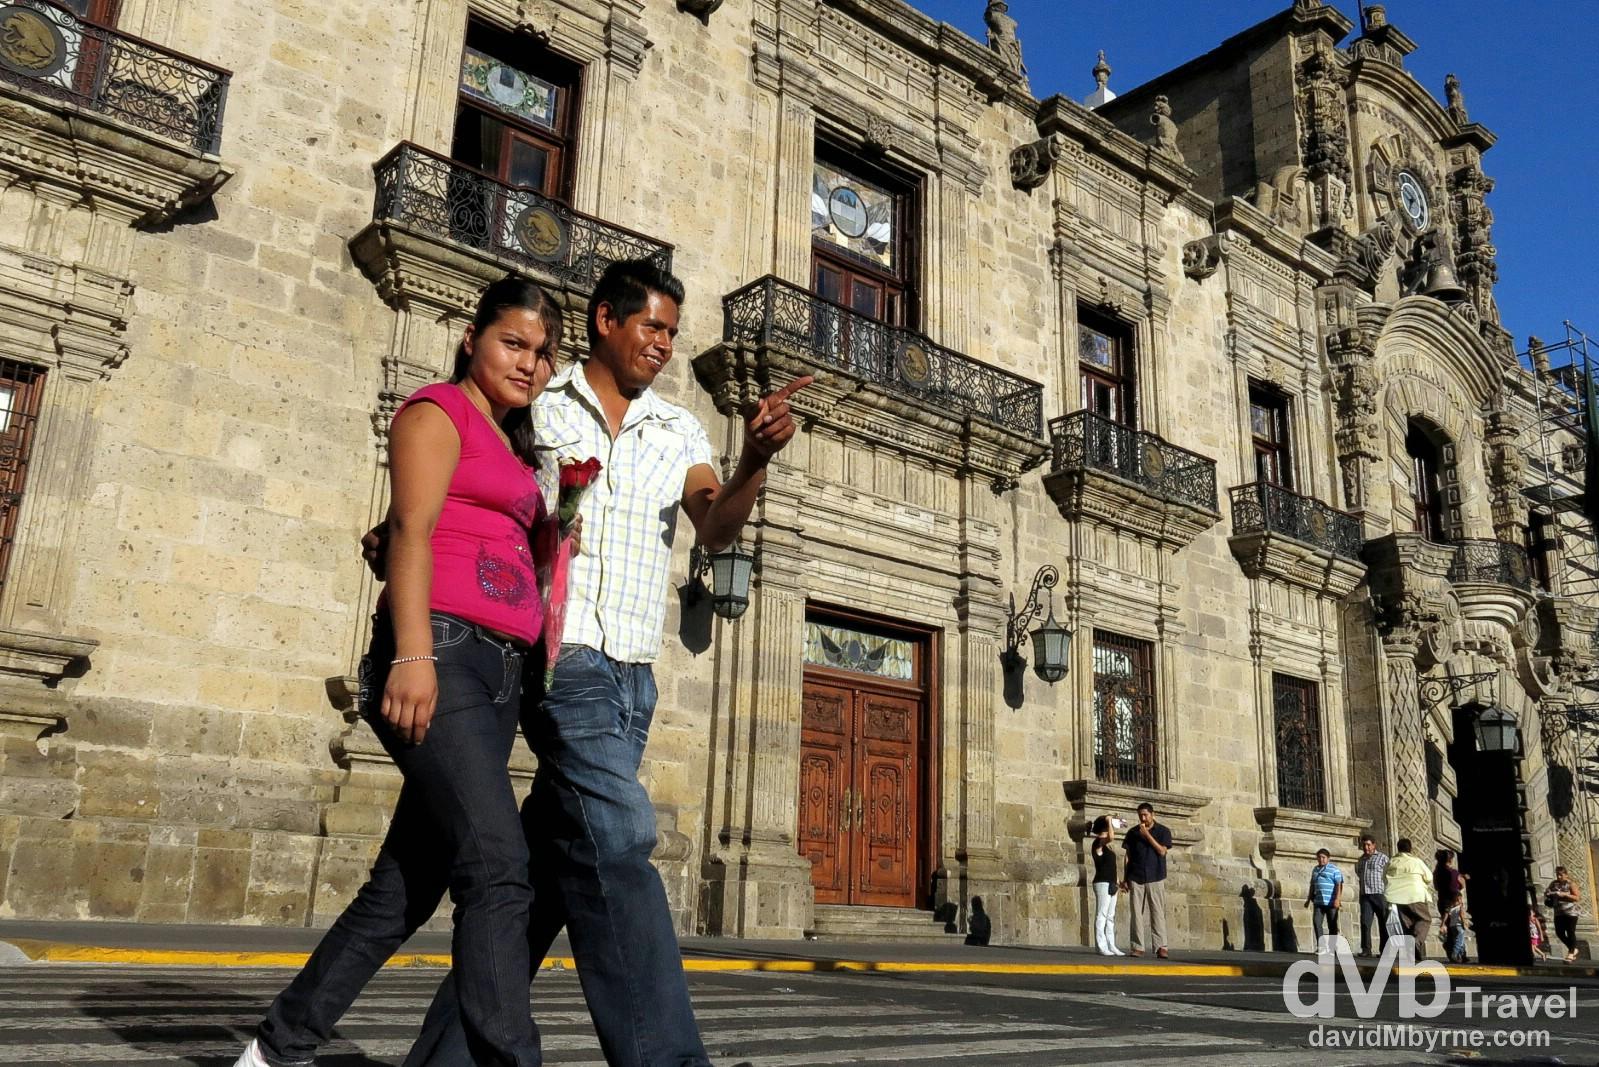 Crossing Avenue Corona in front of Placio de Gobiernog, Guadalajara, Mexico. April 21th 2013.